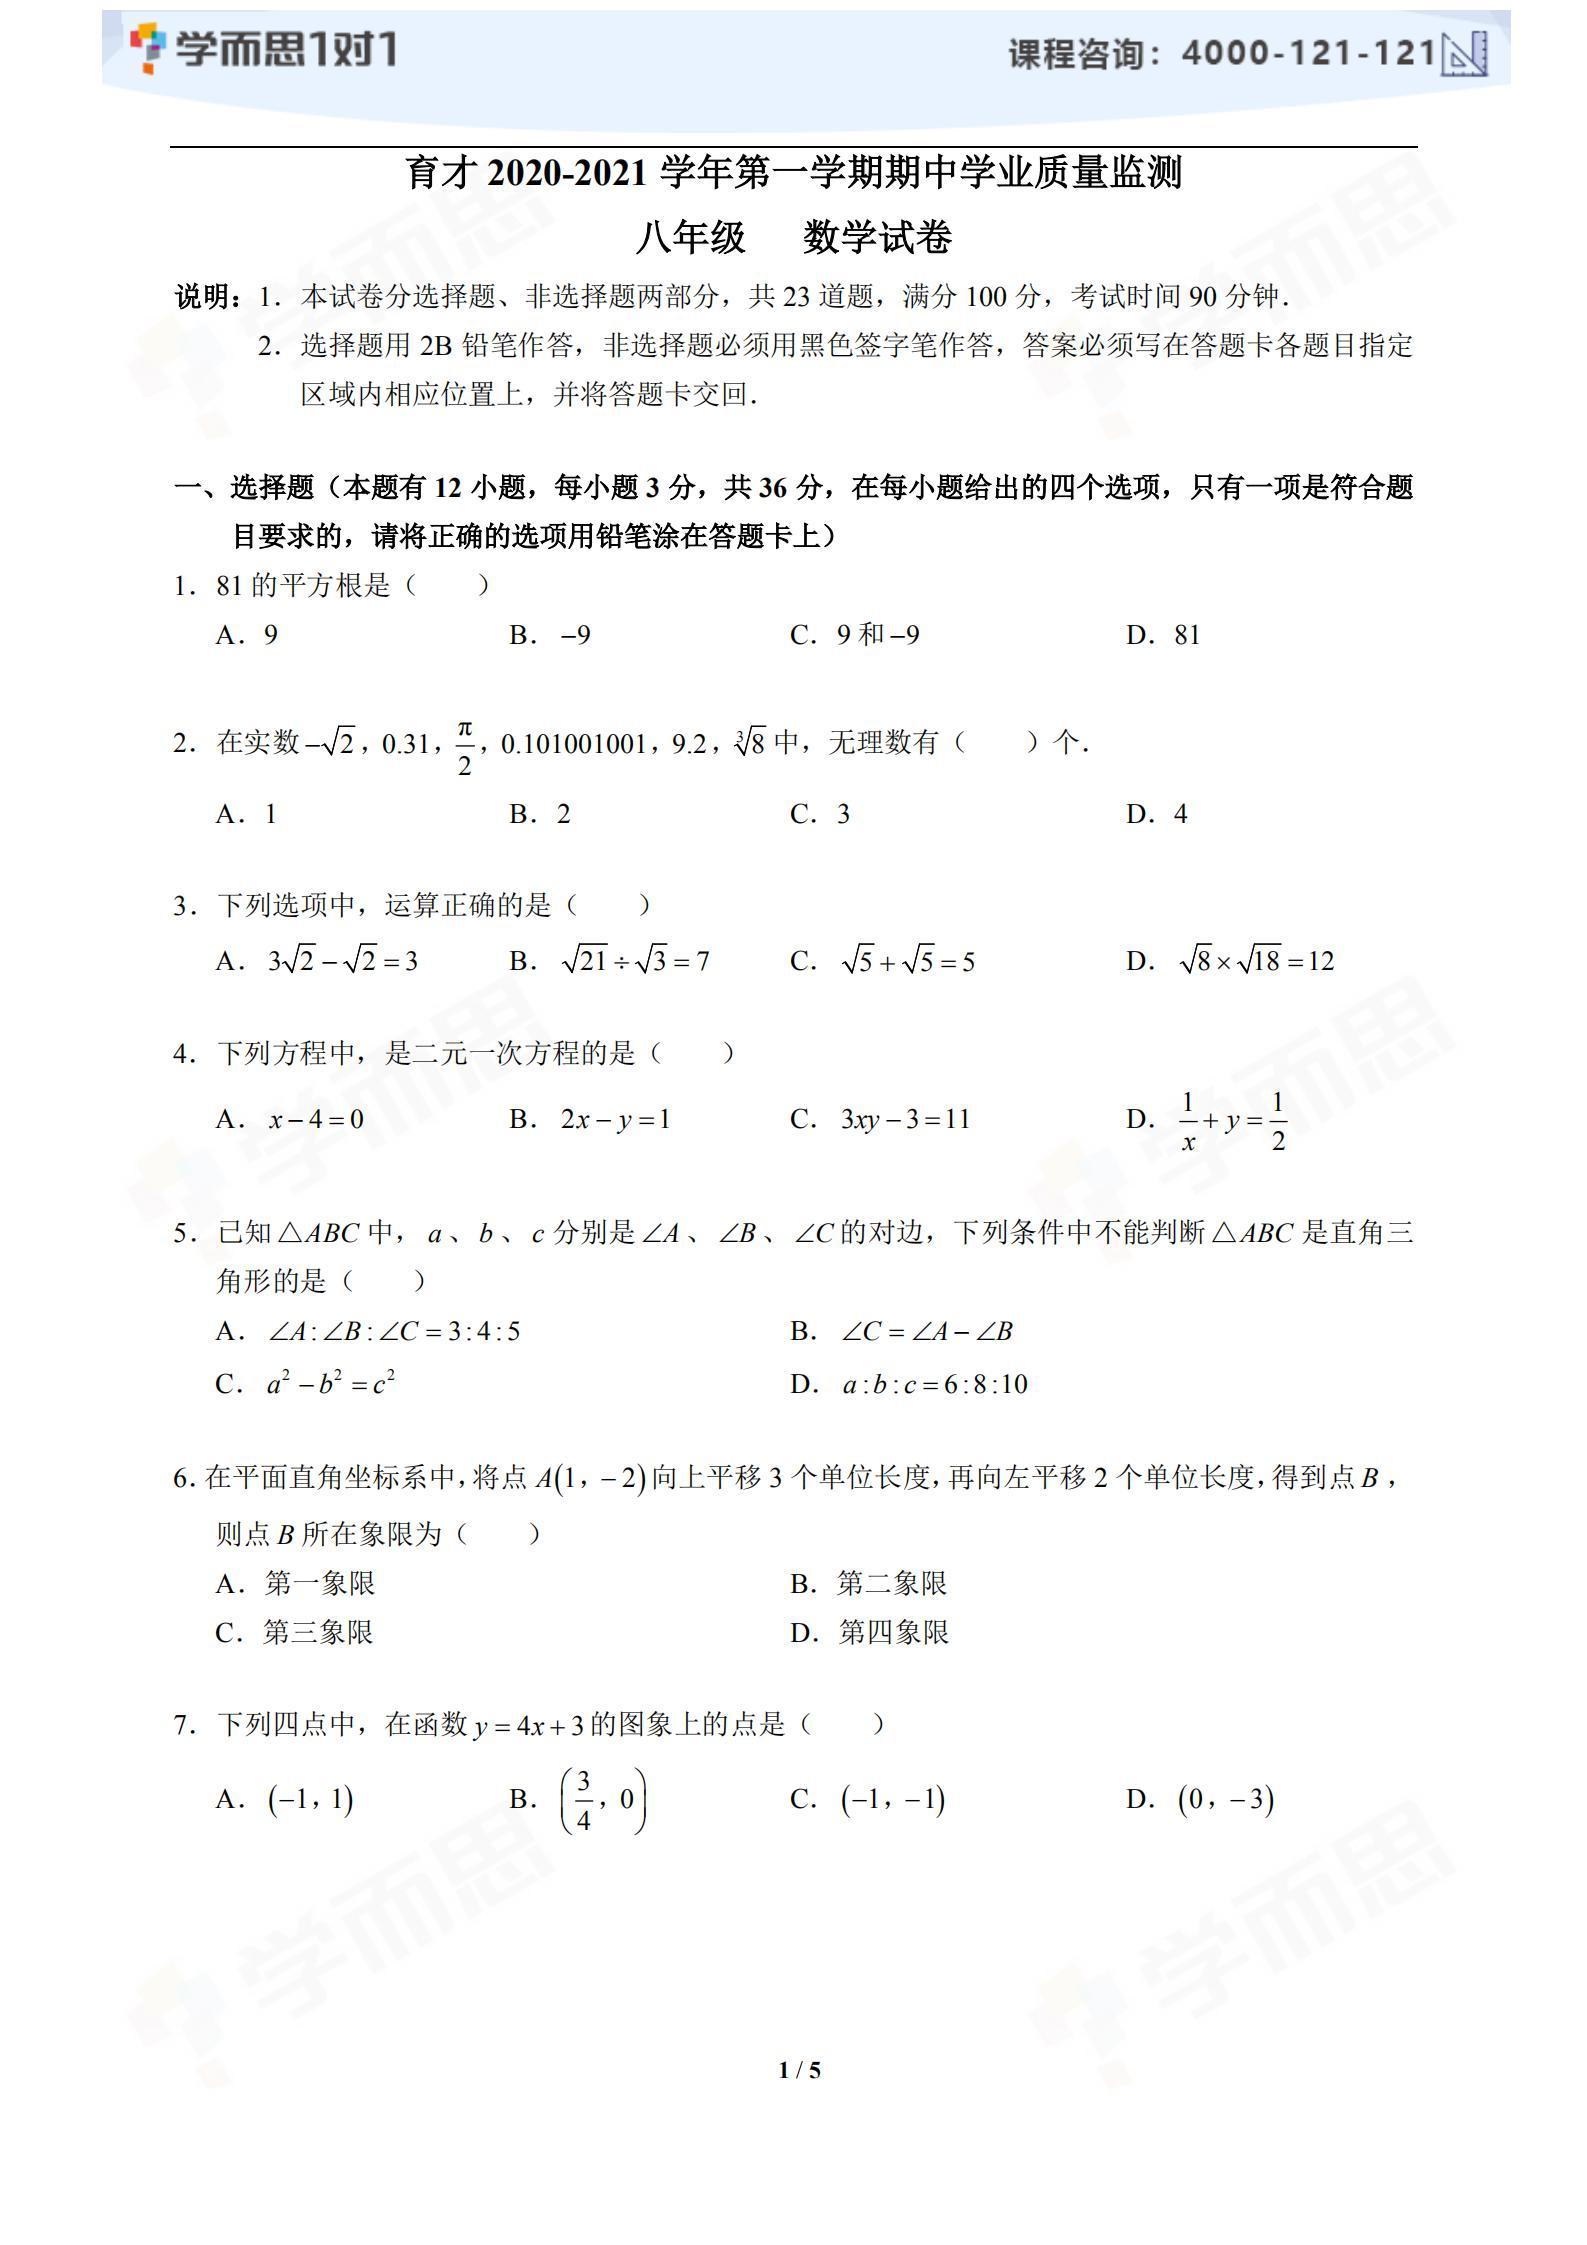 2020-2021学年深圳育才中学初二上学期期中数学试题及答案